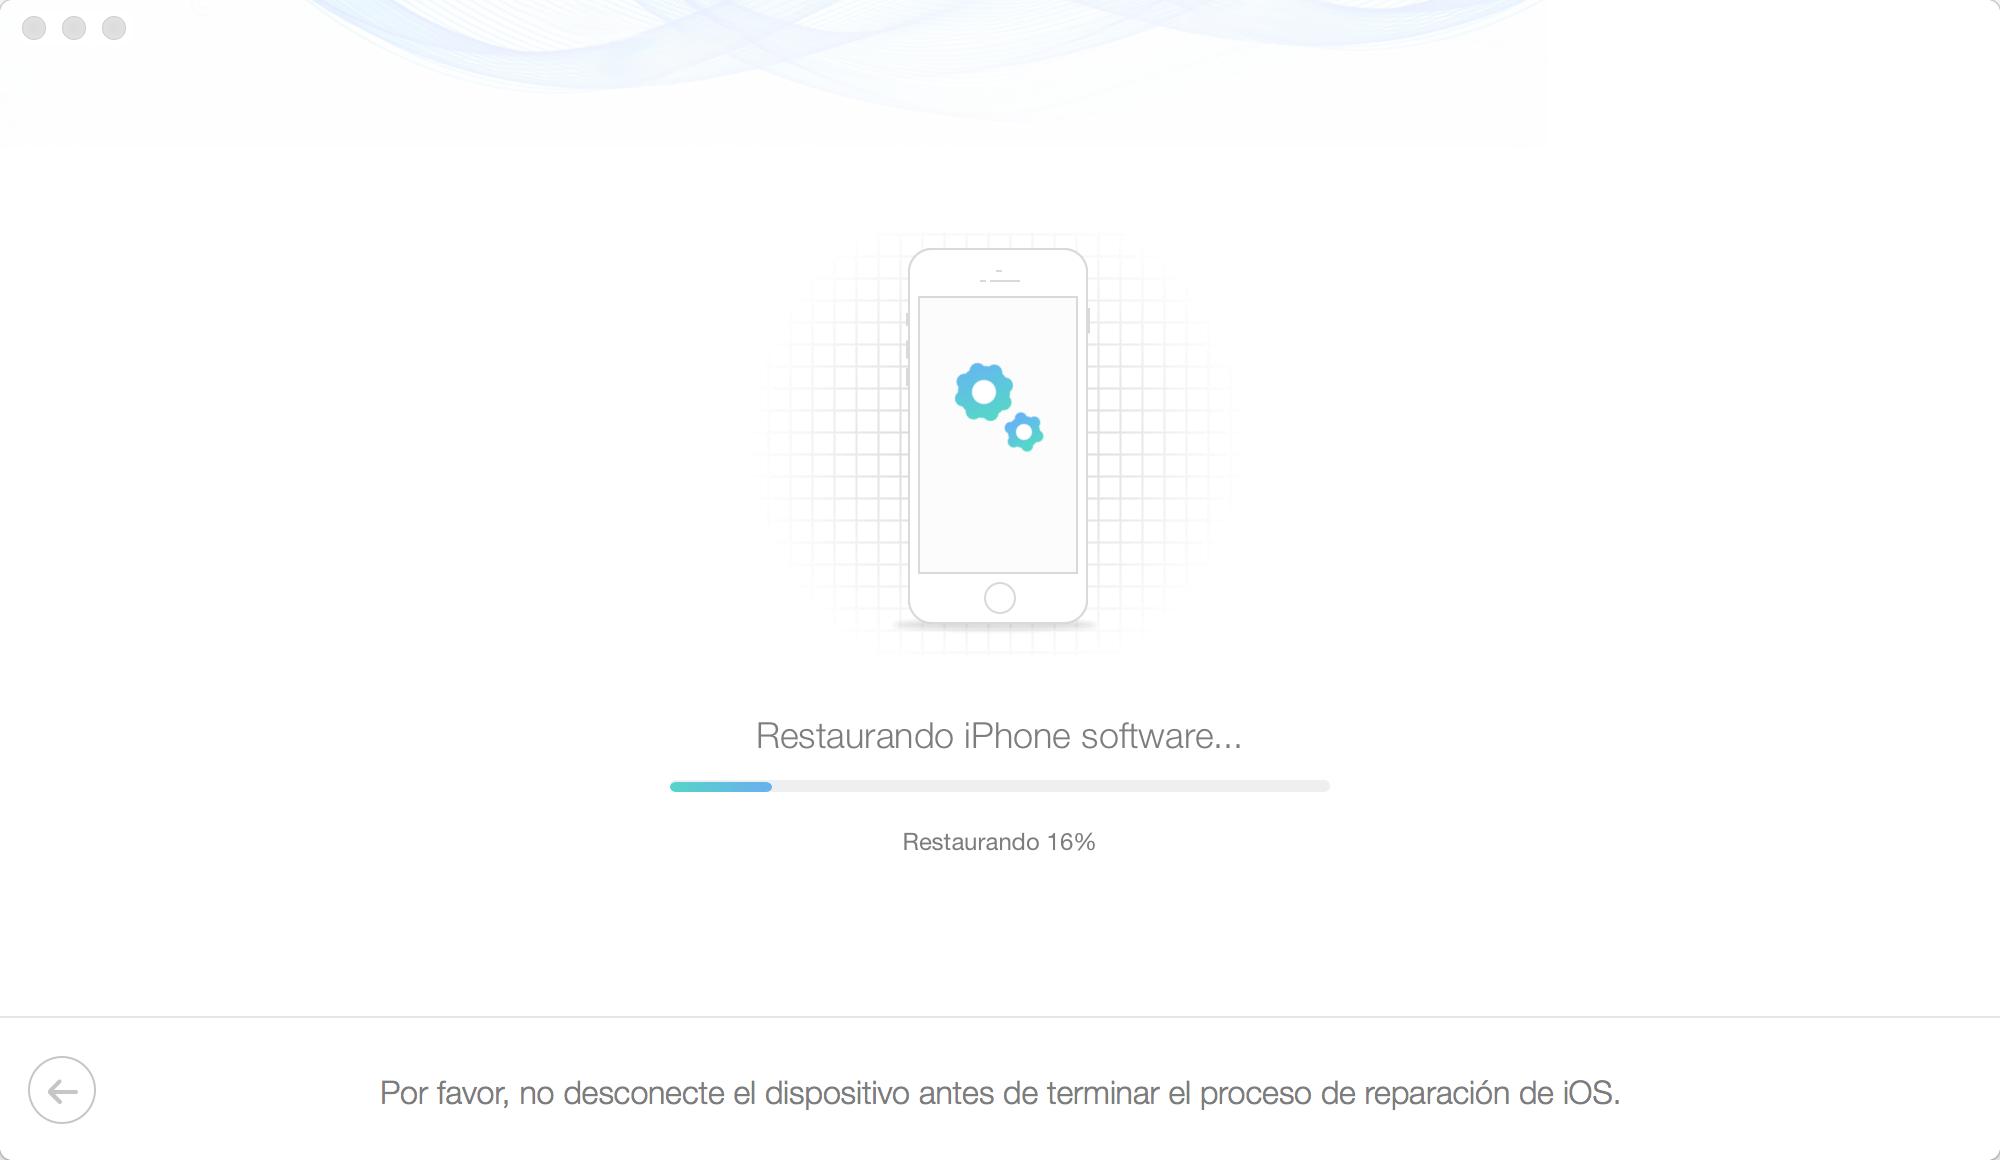 Reparar iPhone en modo normal - Paso4